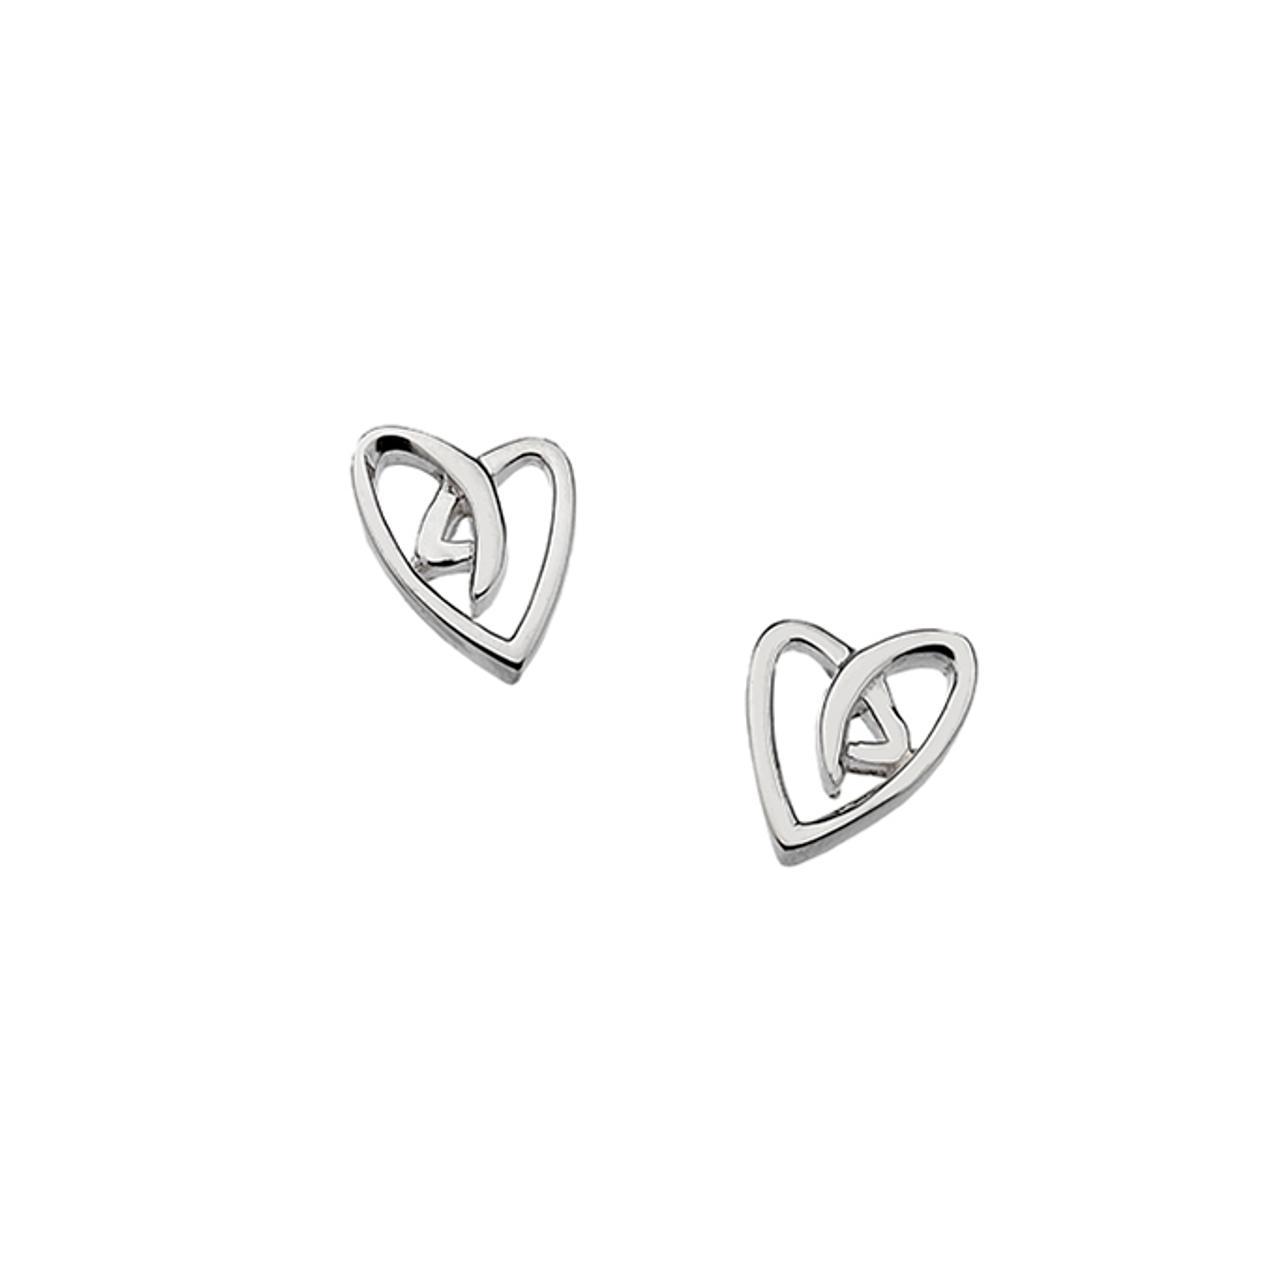 Silver stylised Heart shaped Stud Earrings